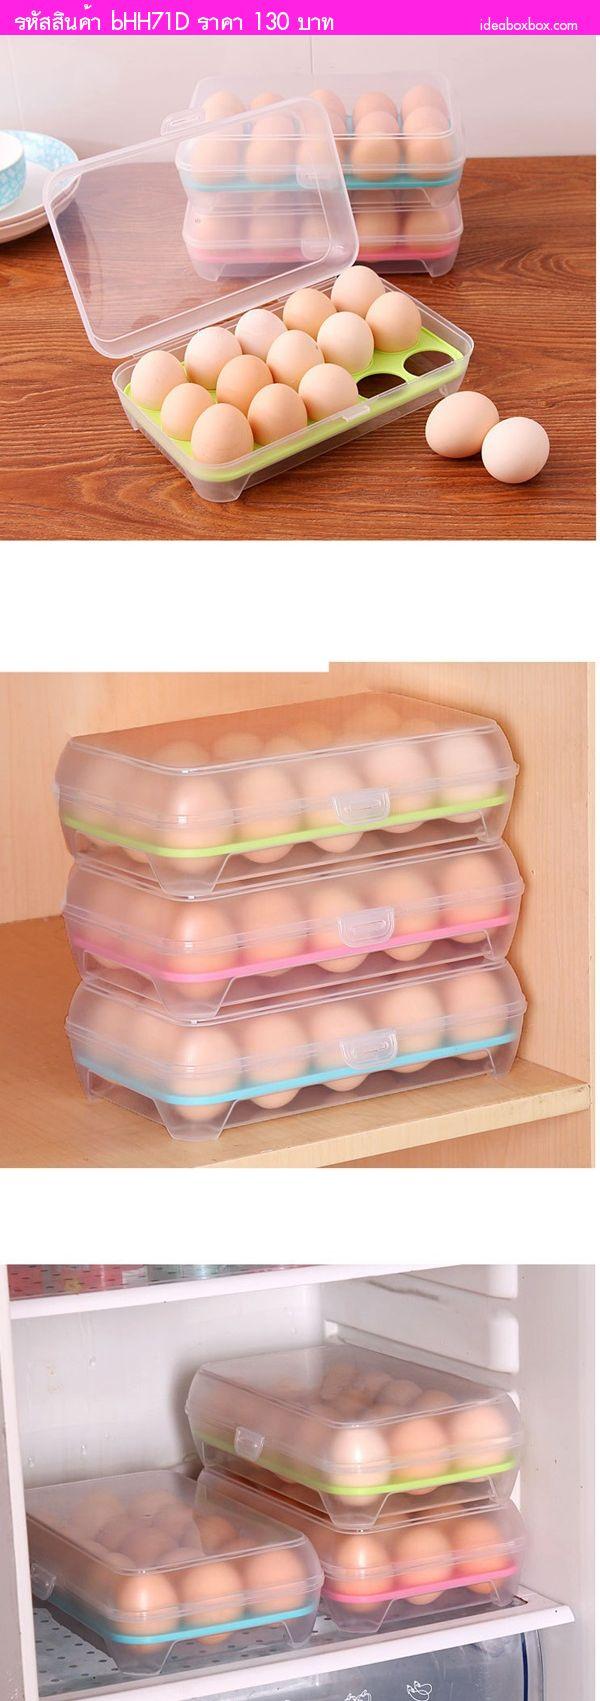 กล่องพลาสติกเก็บไข่ไก่ 15 ช่อง สีเขียว